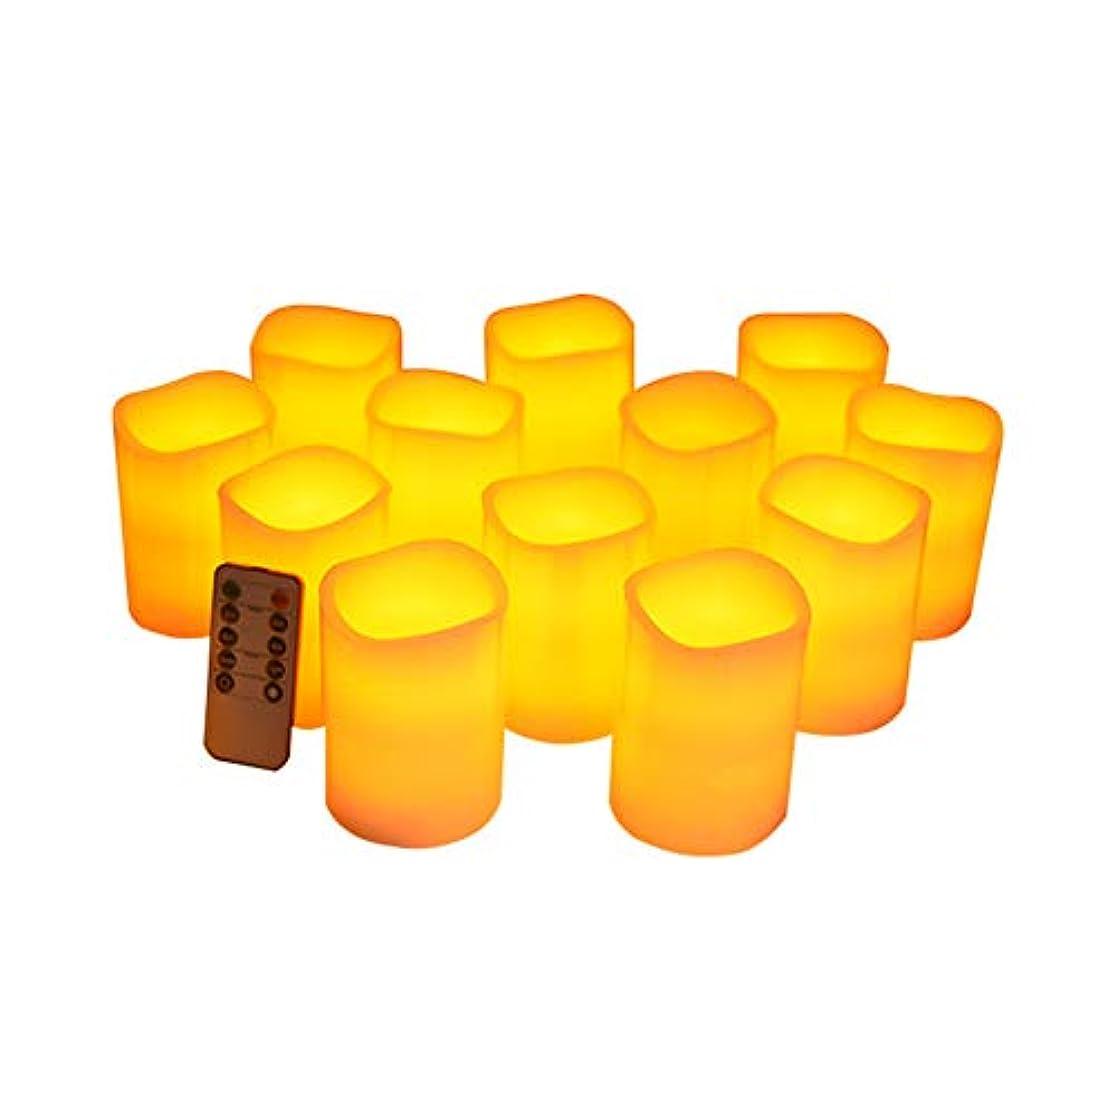 体酸っぱいモジュールフレームレスキャンドルフリッカーLED柱リアルキャンドルリモコン付きサイクリングタイマー電気キャンドル12個セット